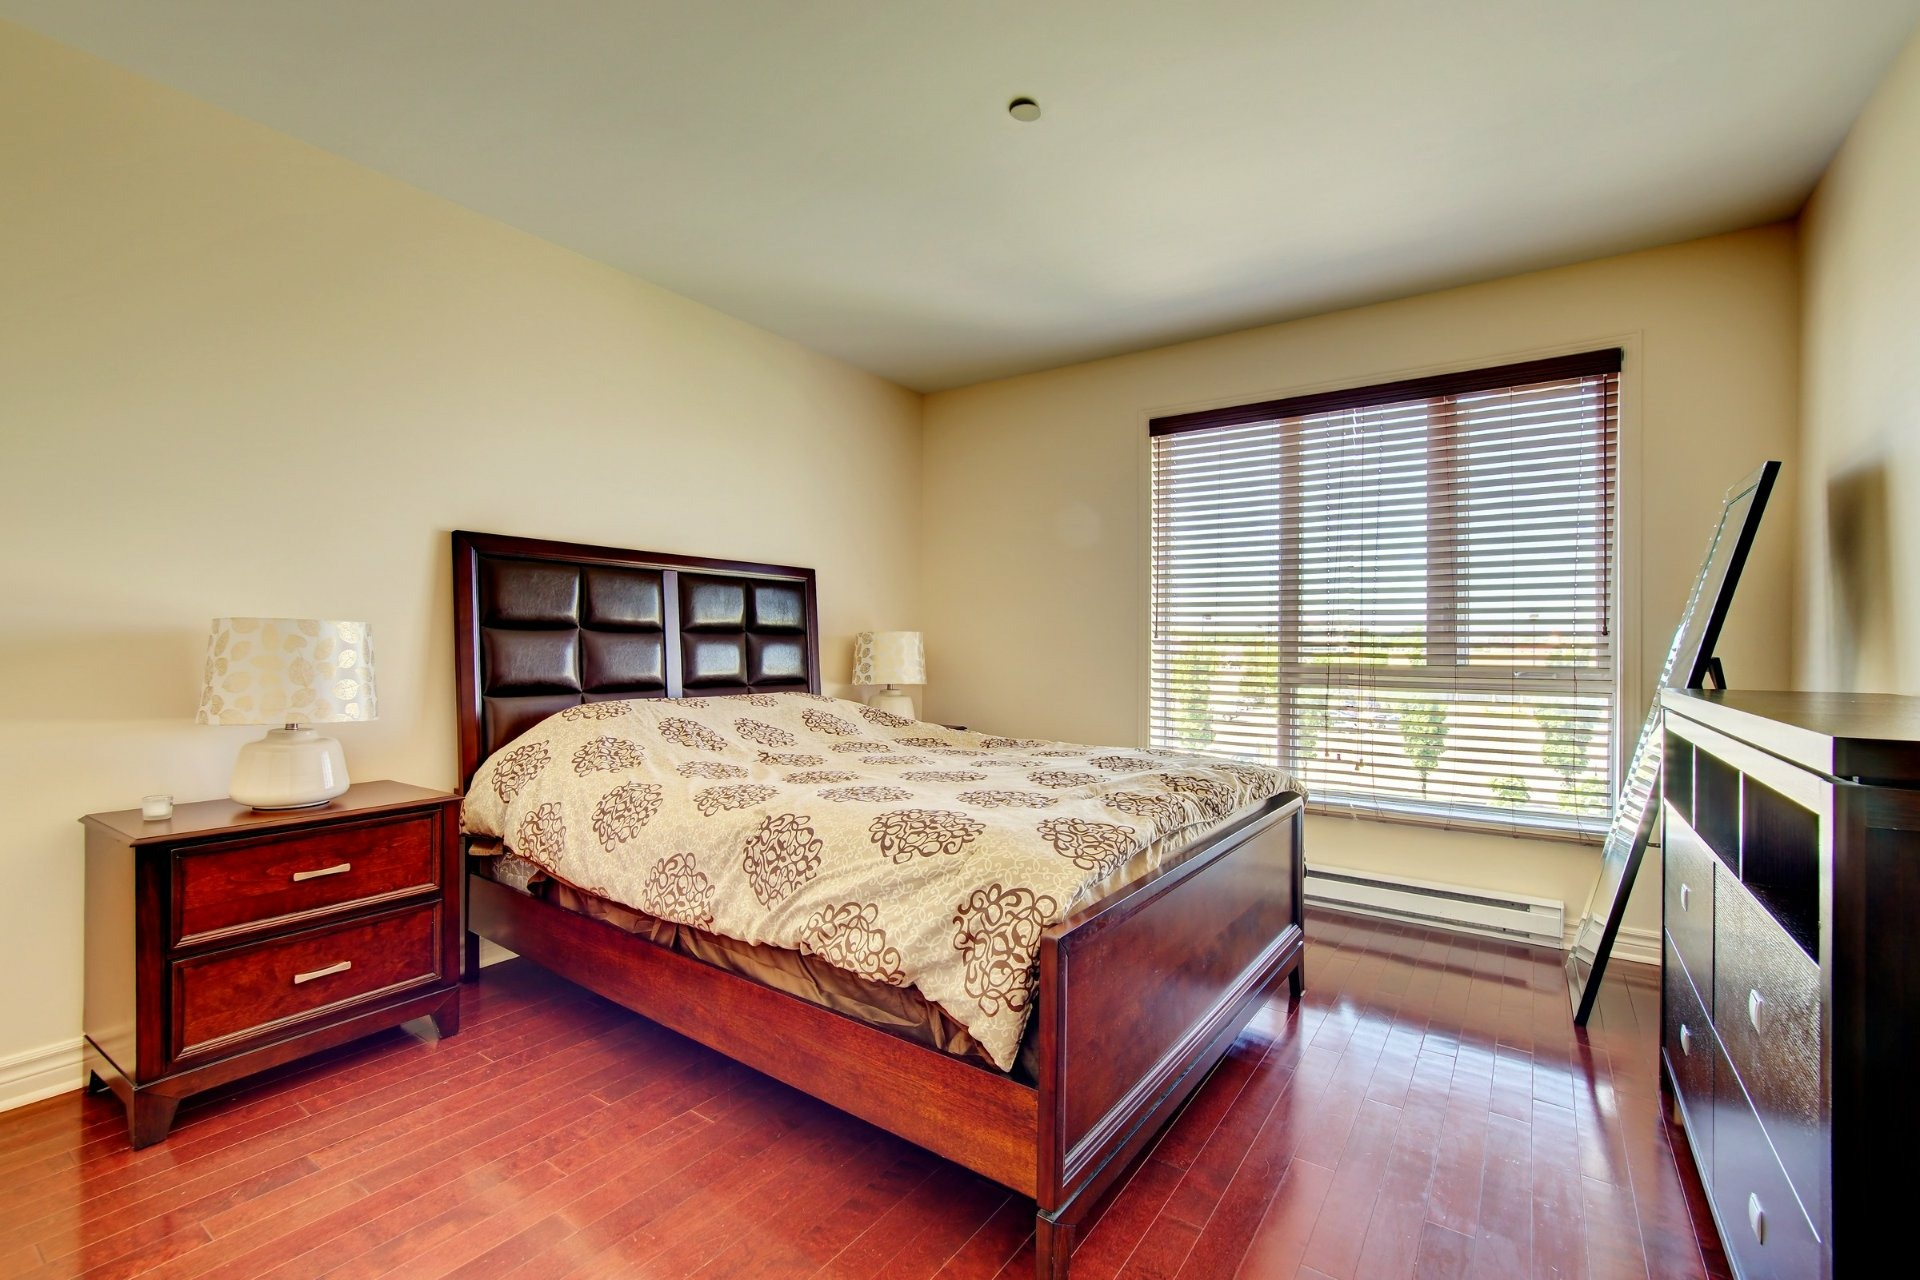 image 16 - Apartment For rent Laval-des-Rapides Laval  - 5 rooms